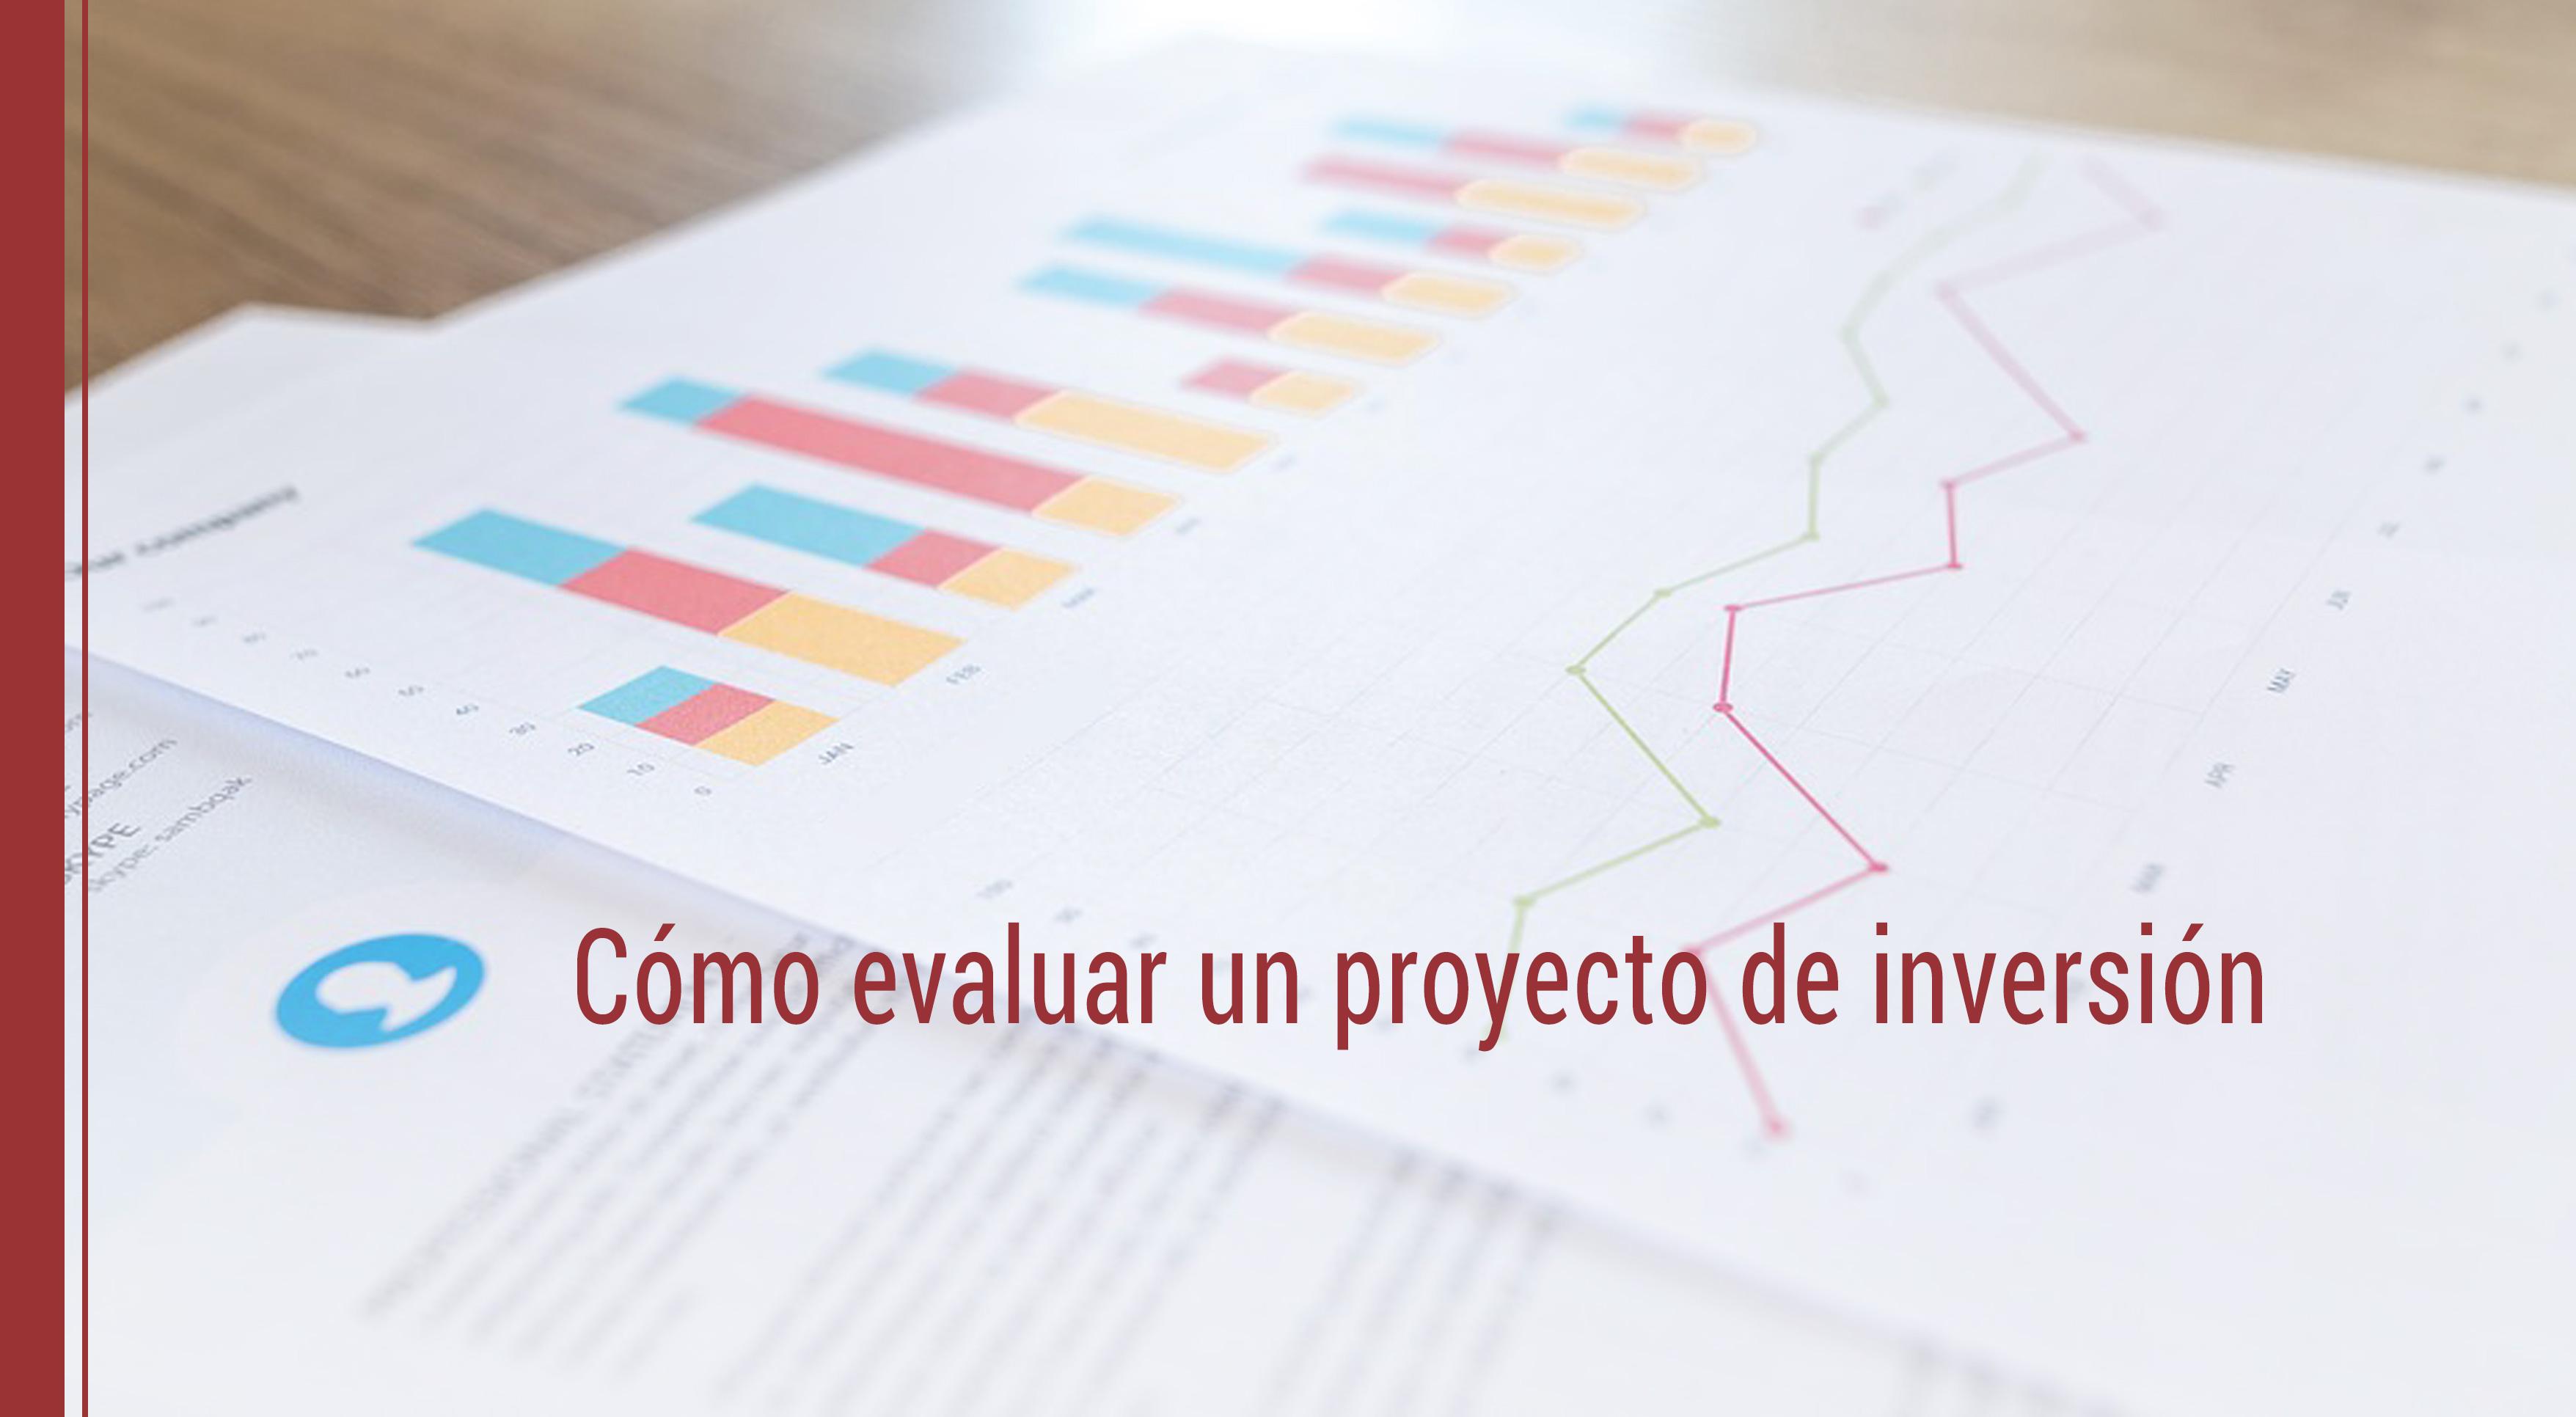 como-evaluar-un-proyecto-de-inversion ¿Cómo evaluar un proyecto de inversión?